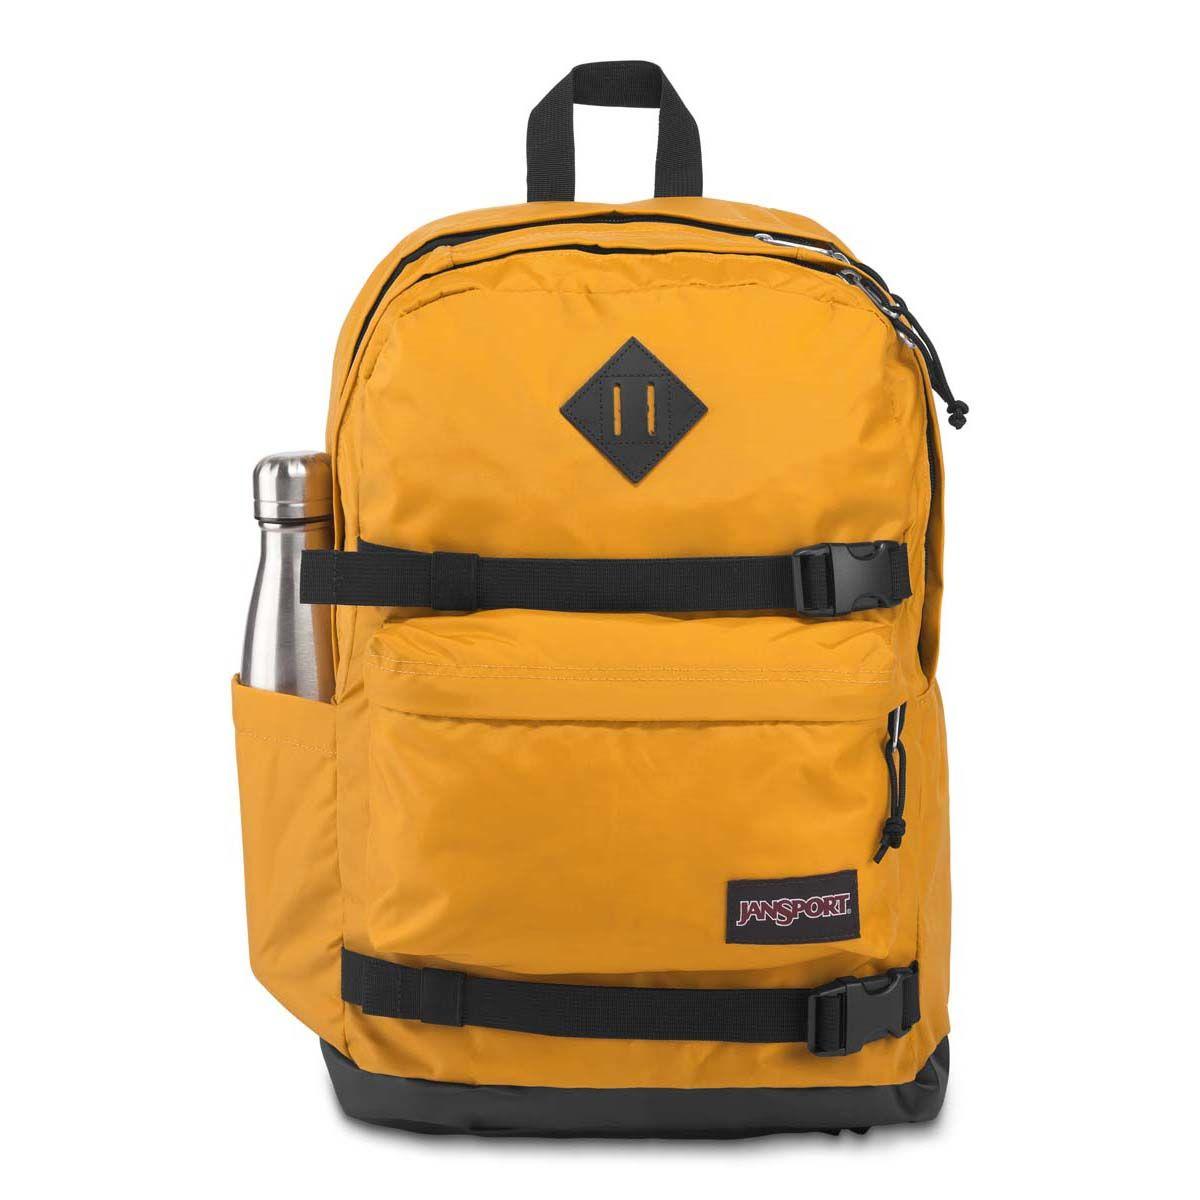 JanSport West Break Backpack in English Mustard